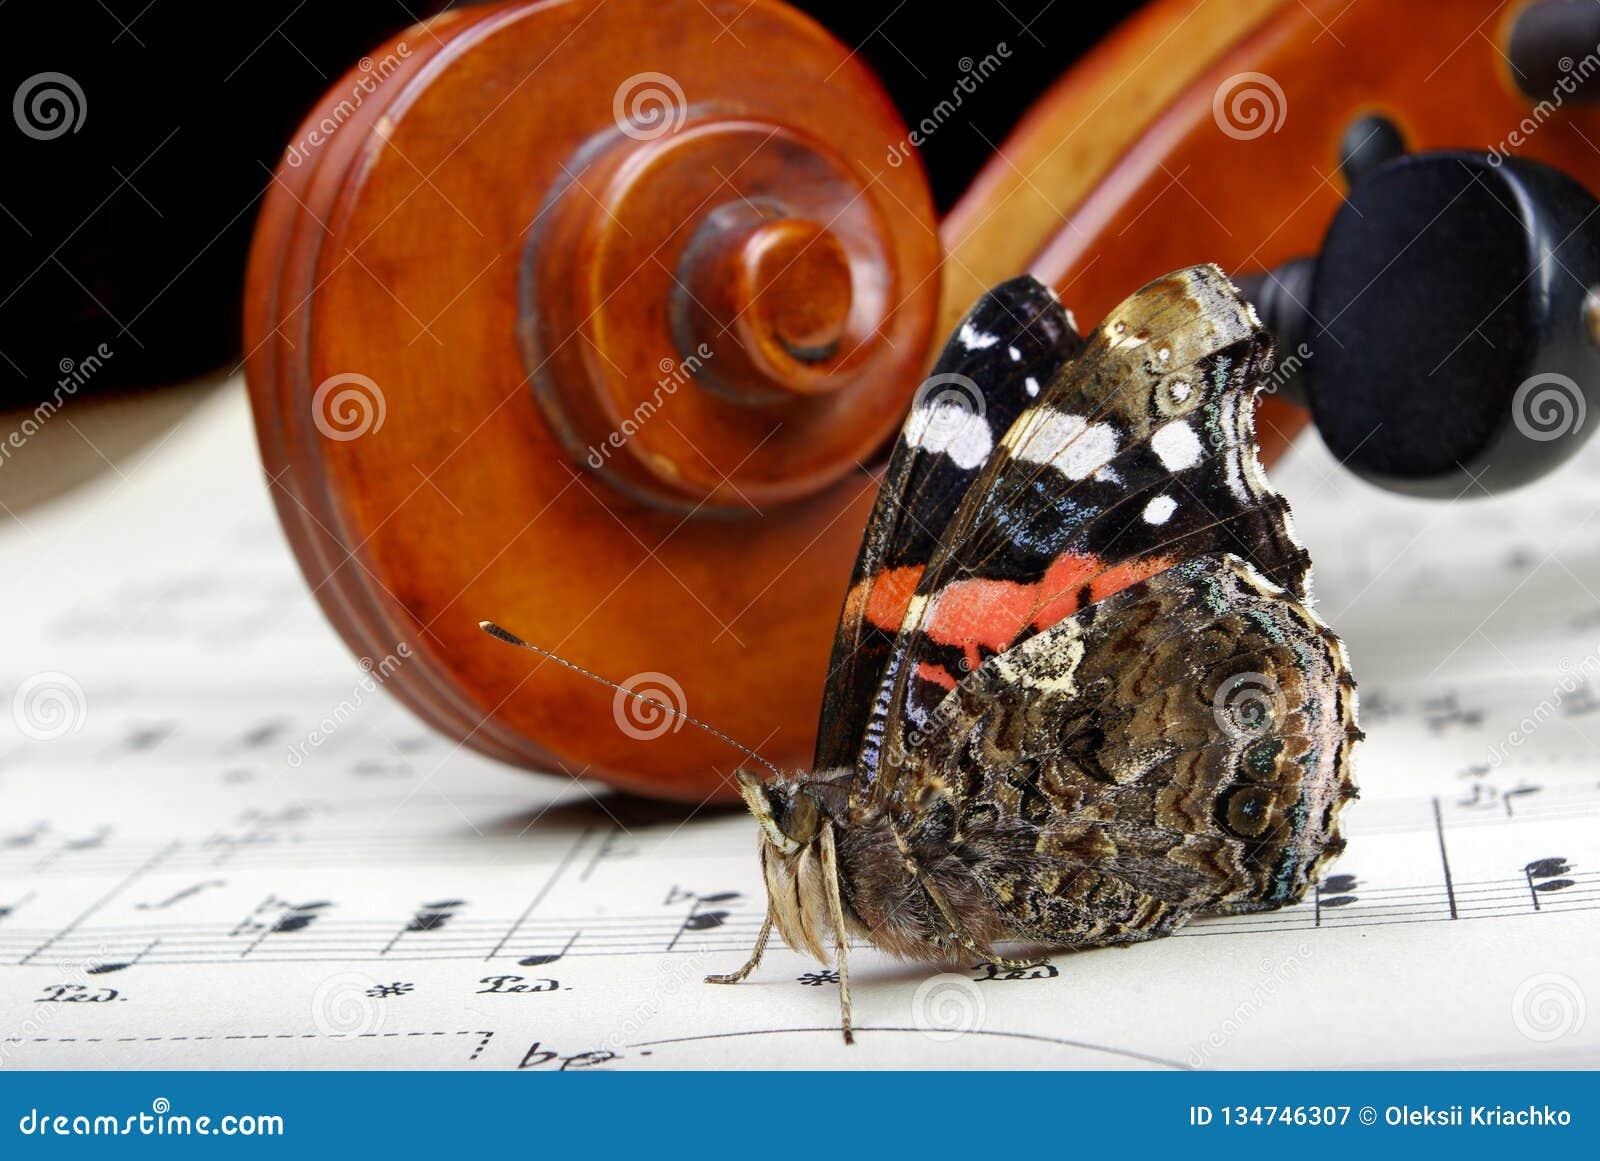 Violín y mariposa el cuello de un violín y las notas se cierran para arriba Almirante de la mariposa